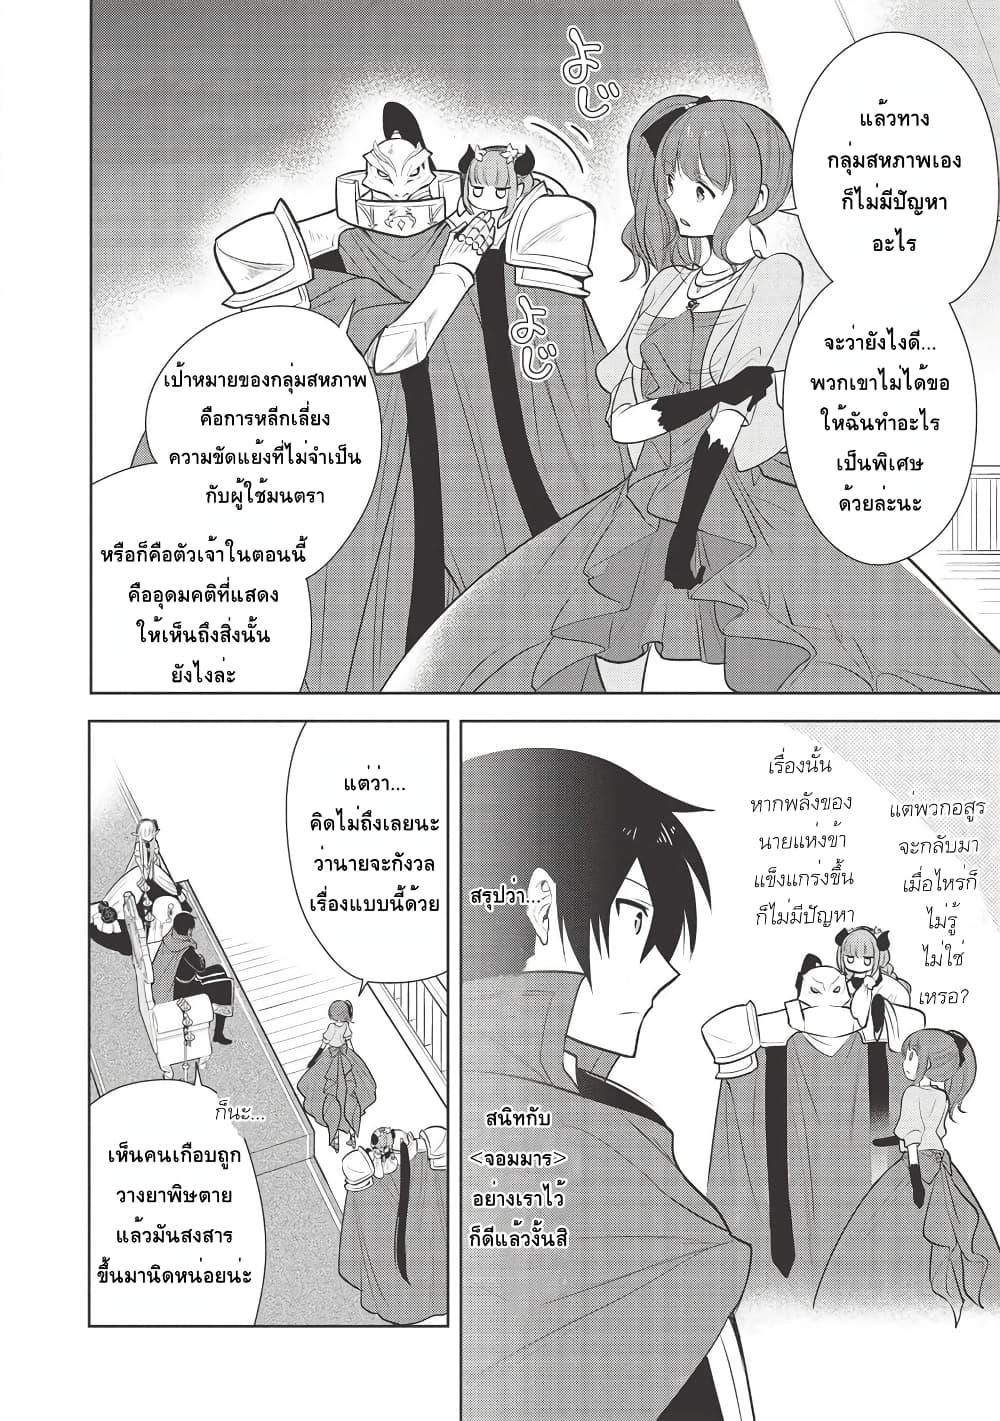 อ่านการ์ตูน Maou no Ore ga Dorei Elf wo Yome ni Shitanda ga Dou Medereba Ii ตอนที่ 28 หน้าที่ 6